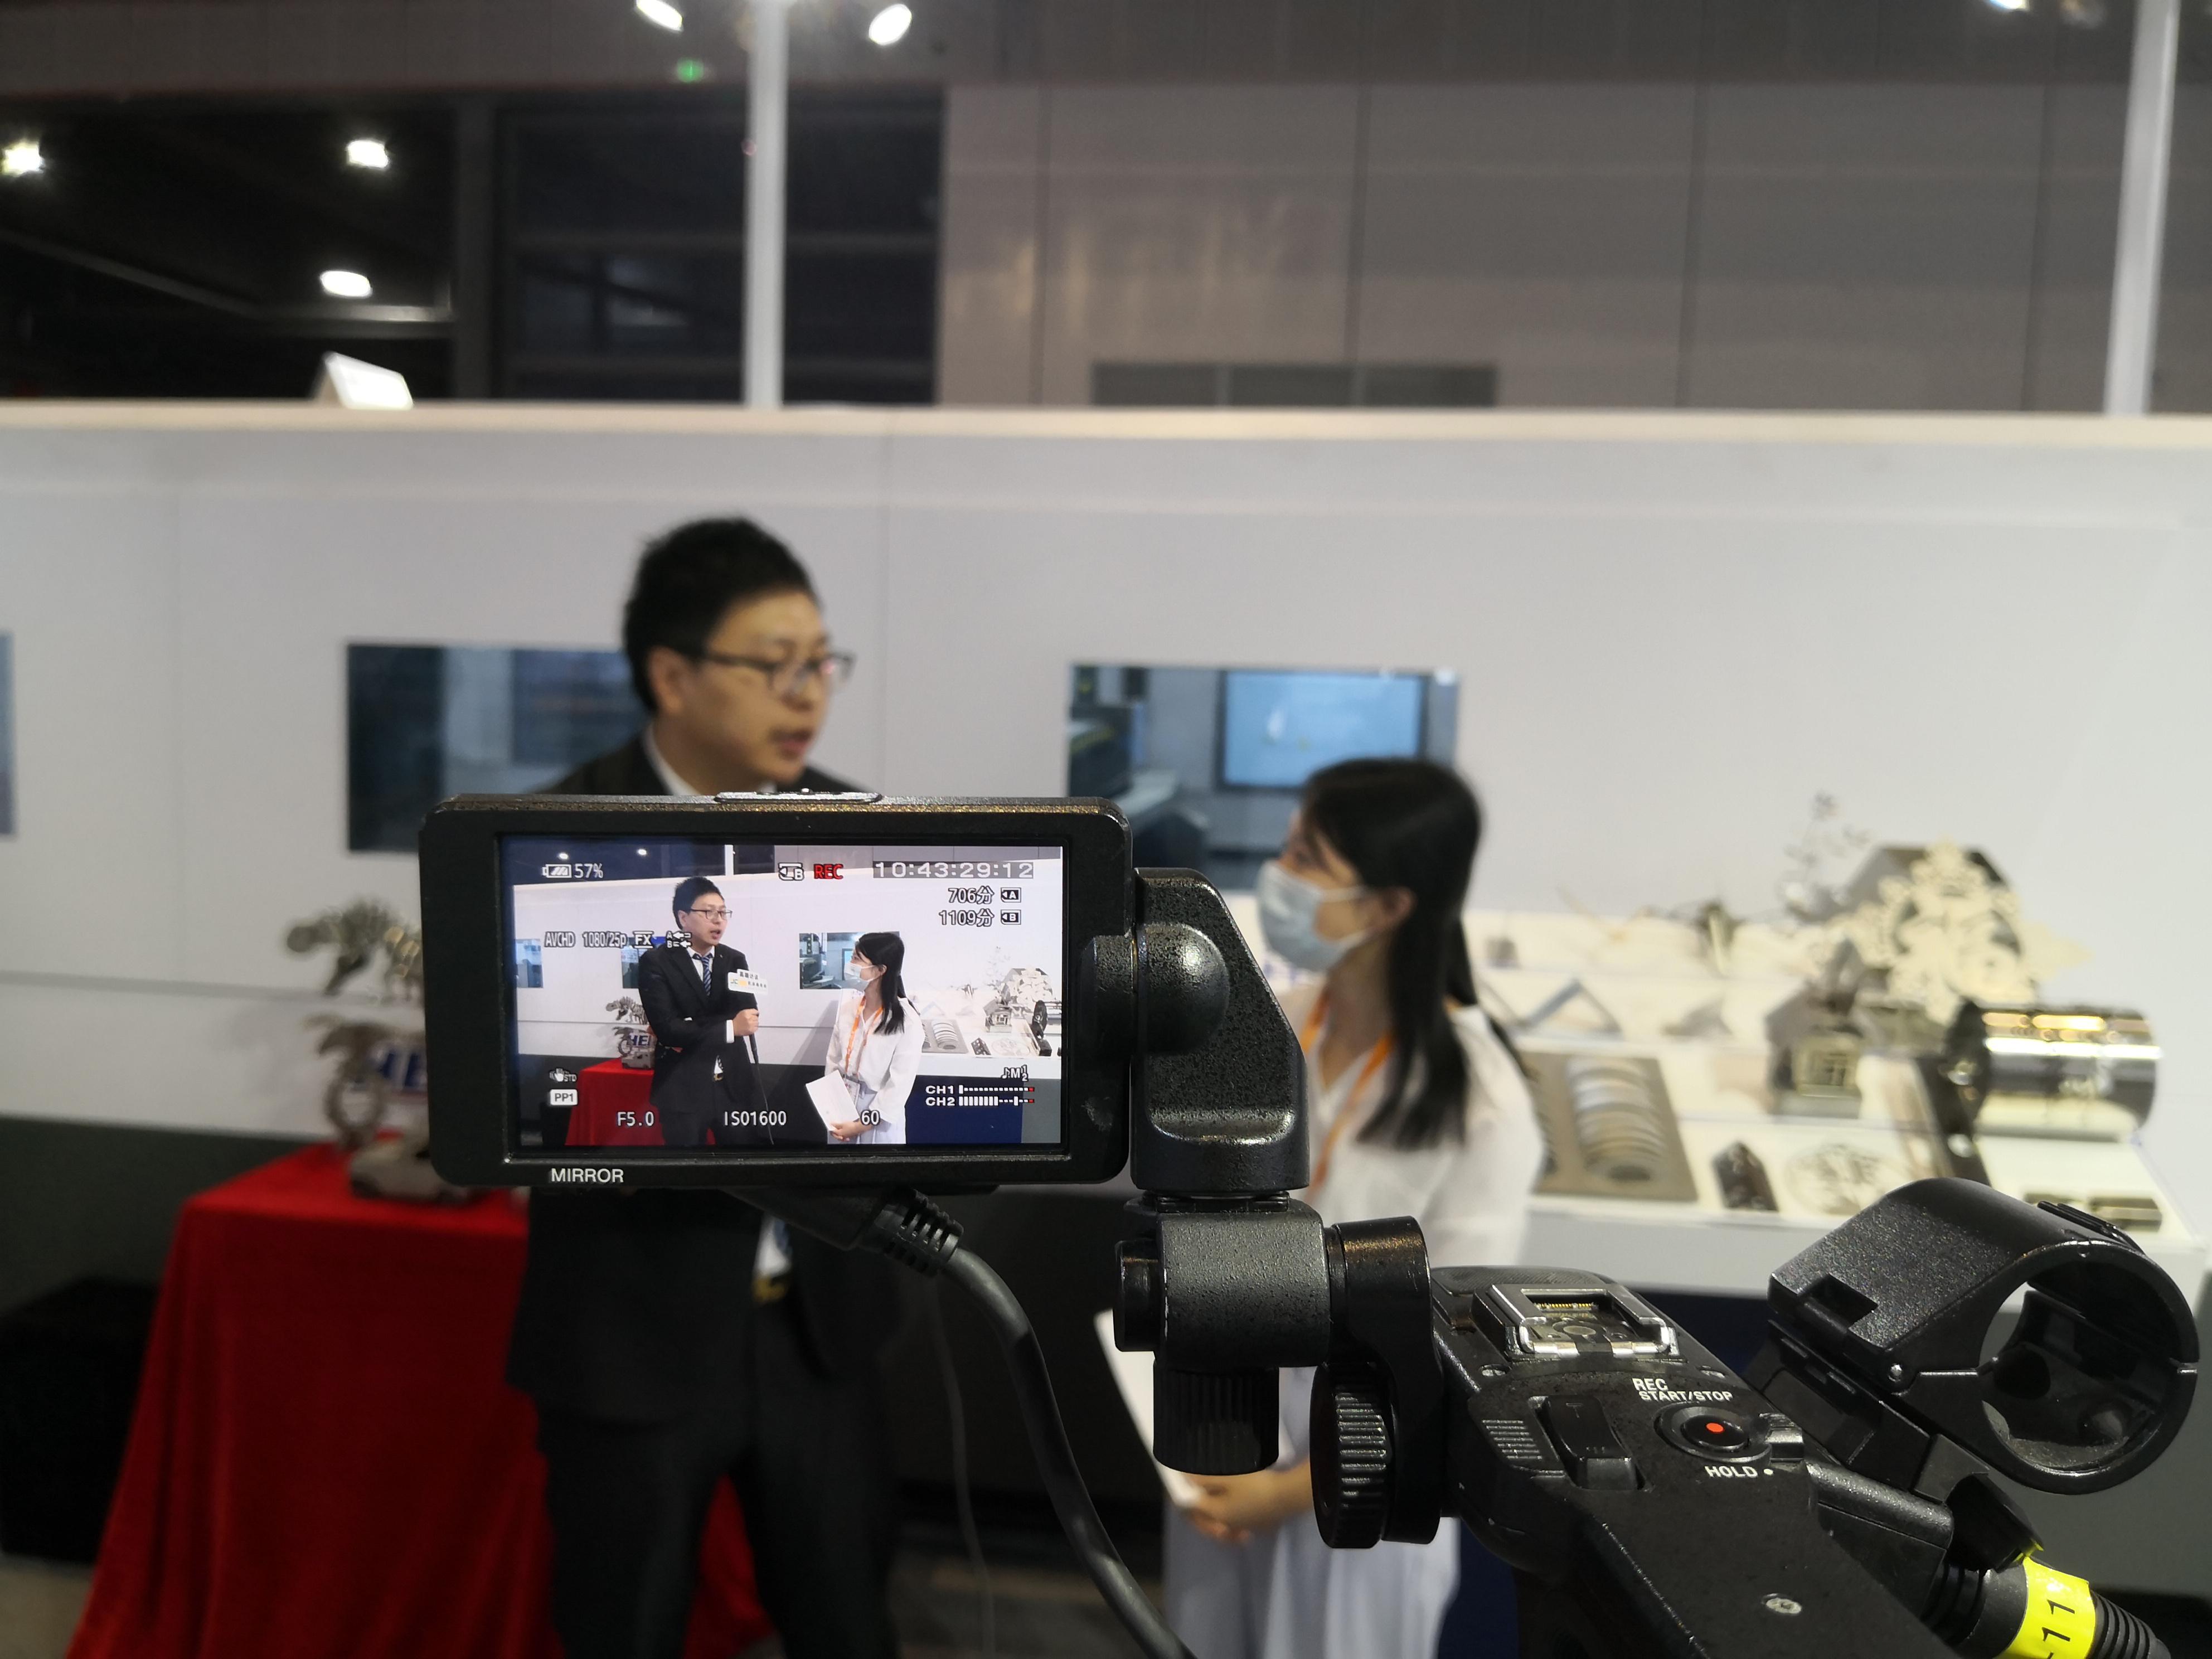 铭镭激光一第22届中国国际工业博览会现场采访